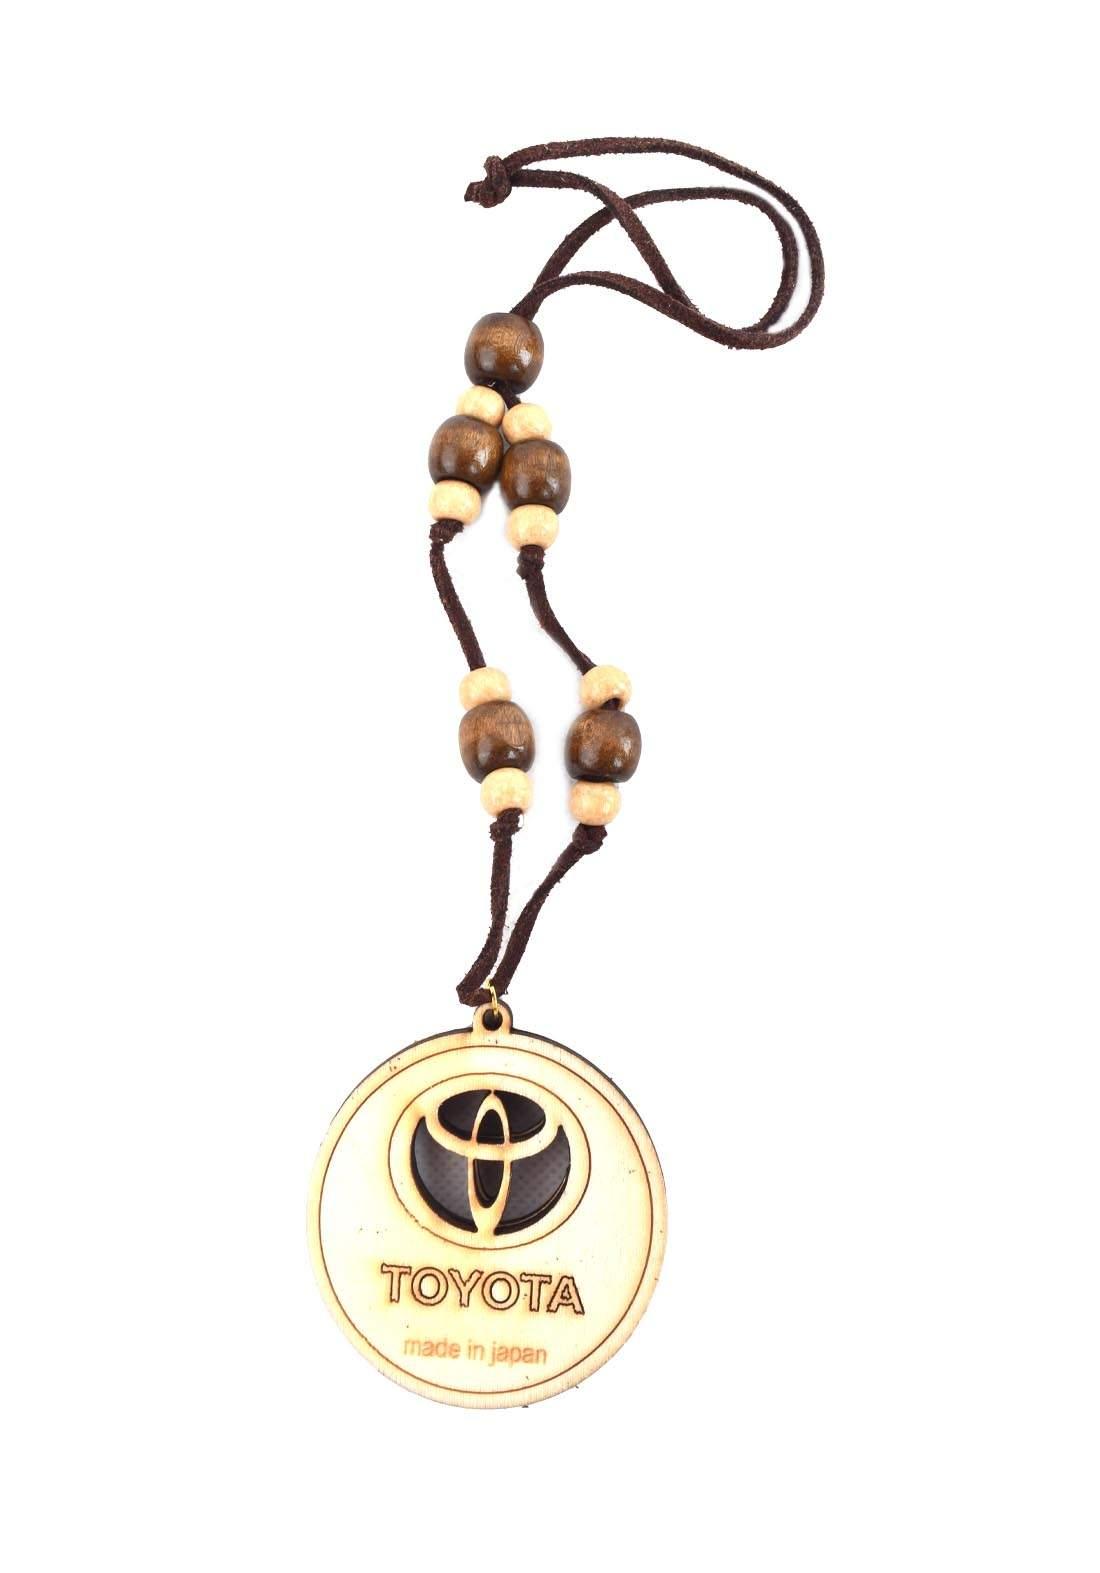 Car Medal - Toyota تعليقة مرآة السيارة